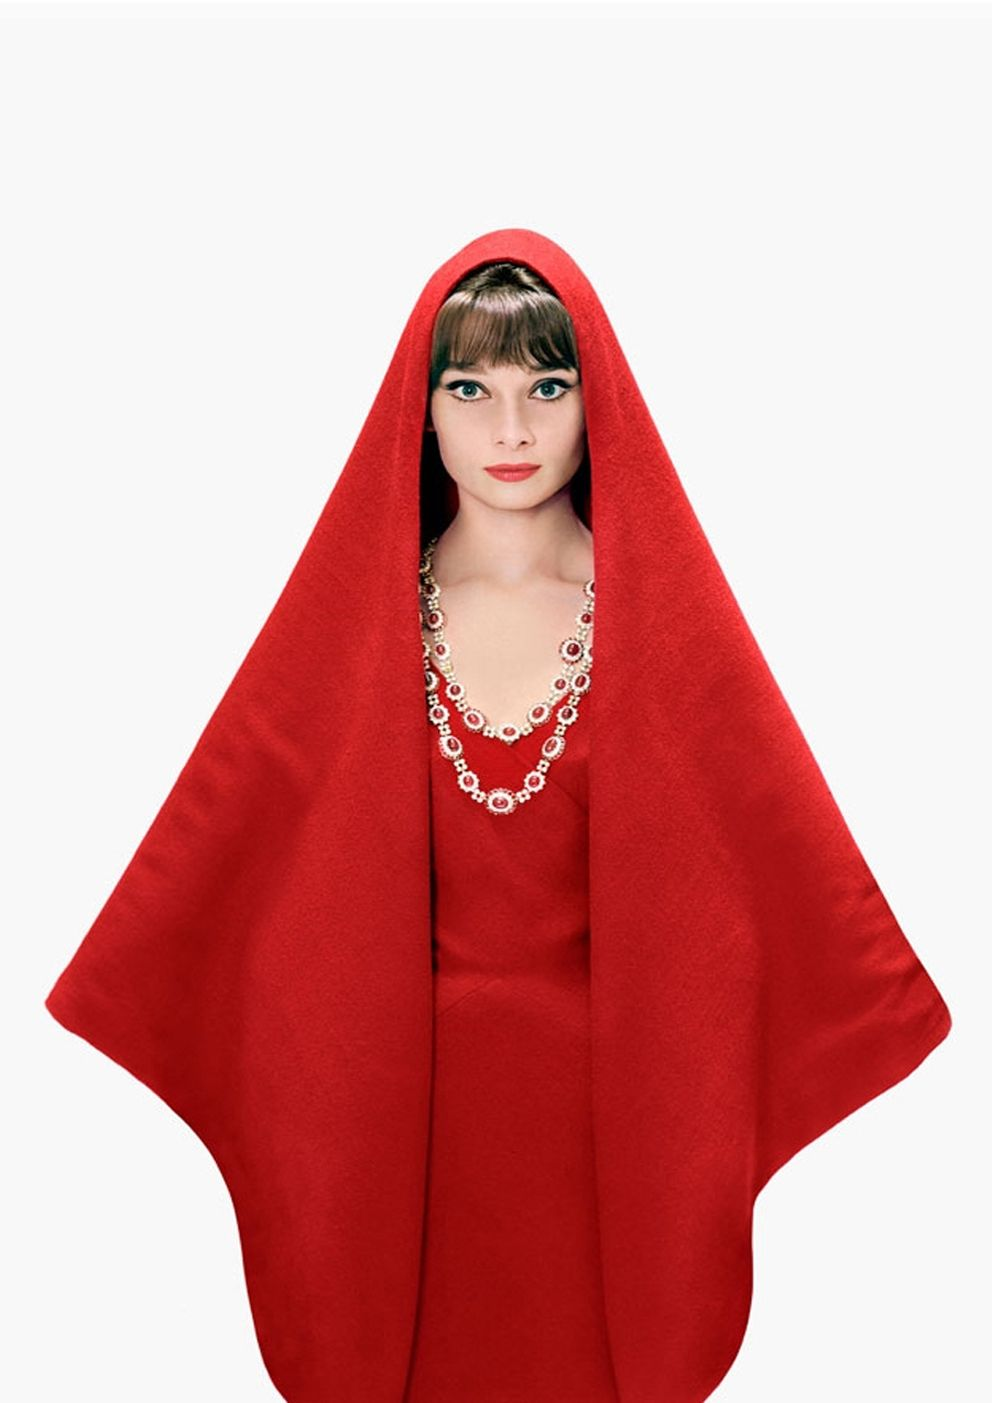 Audrey Hepburn for Harper´s Bazaar, 1961 by Richard Avedon